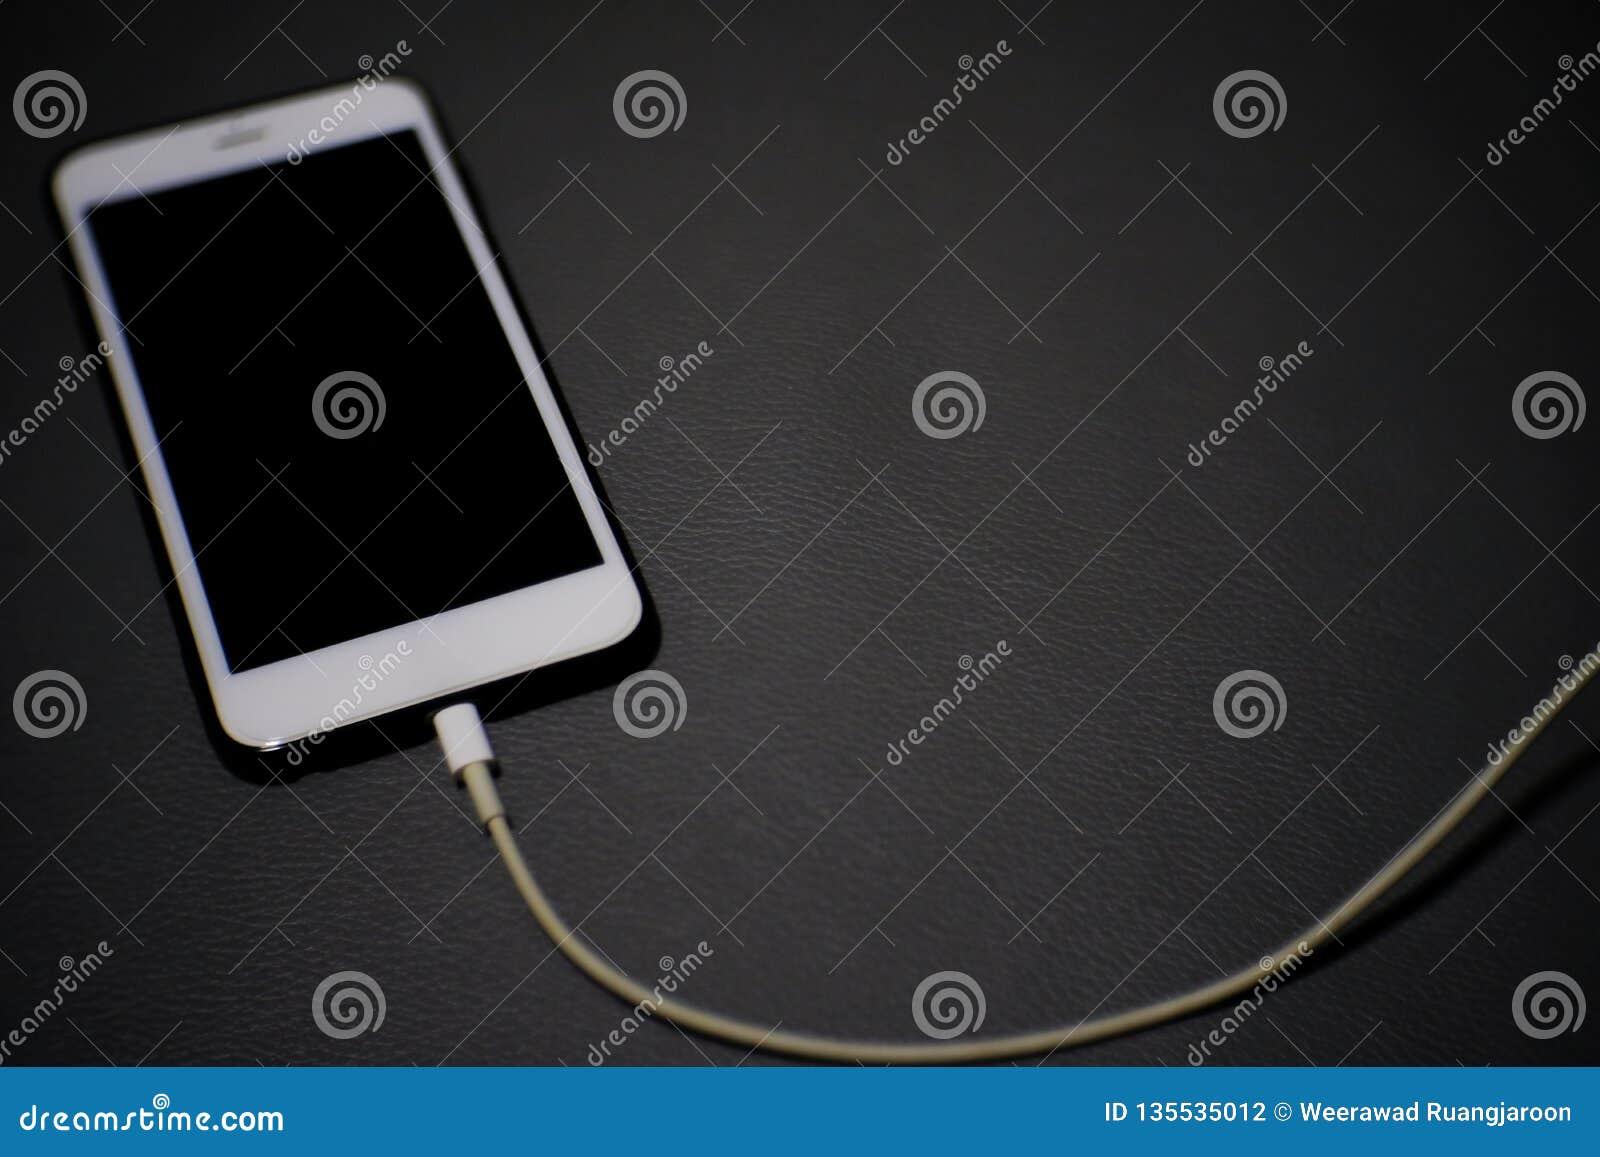 El smartphone móvil está cargando la batería en fondo gris